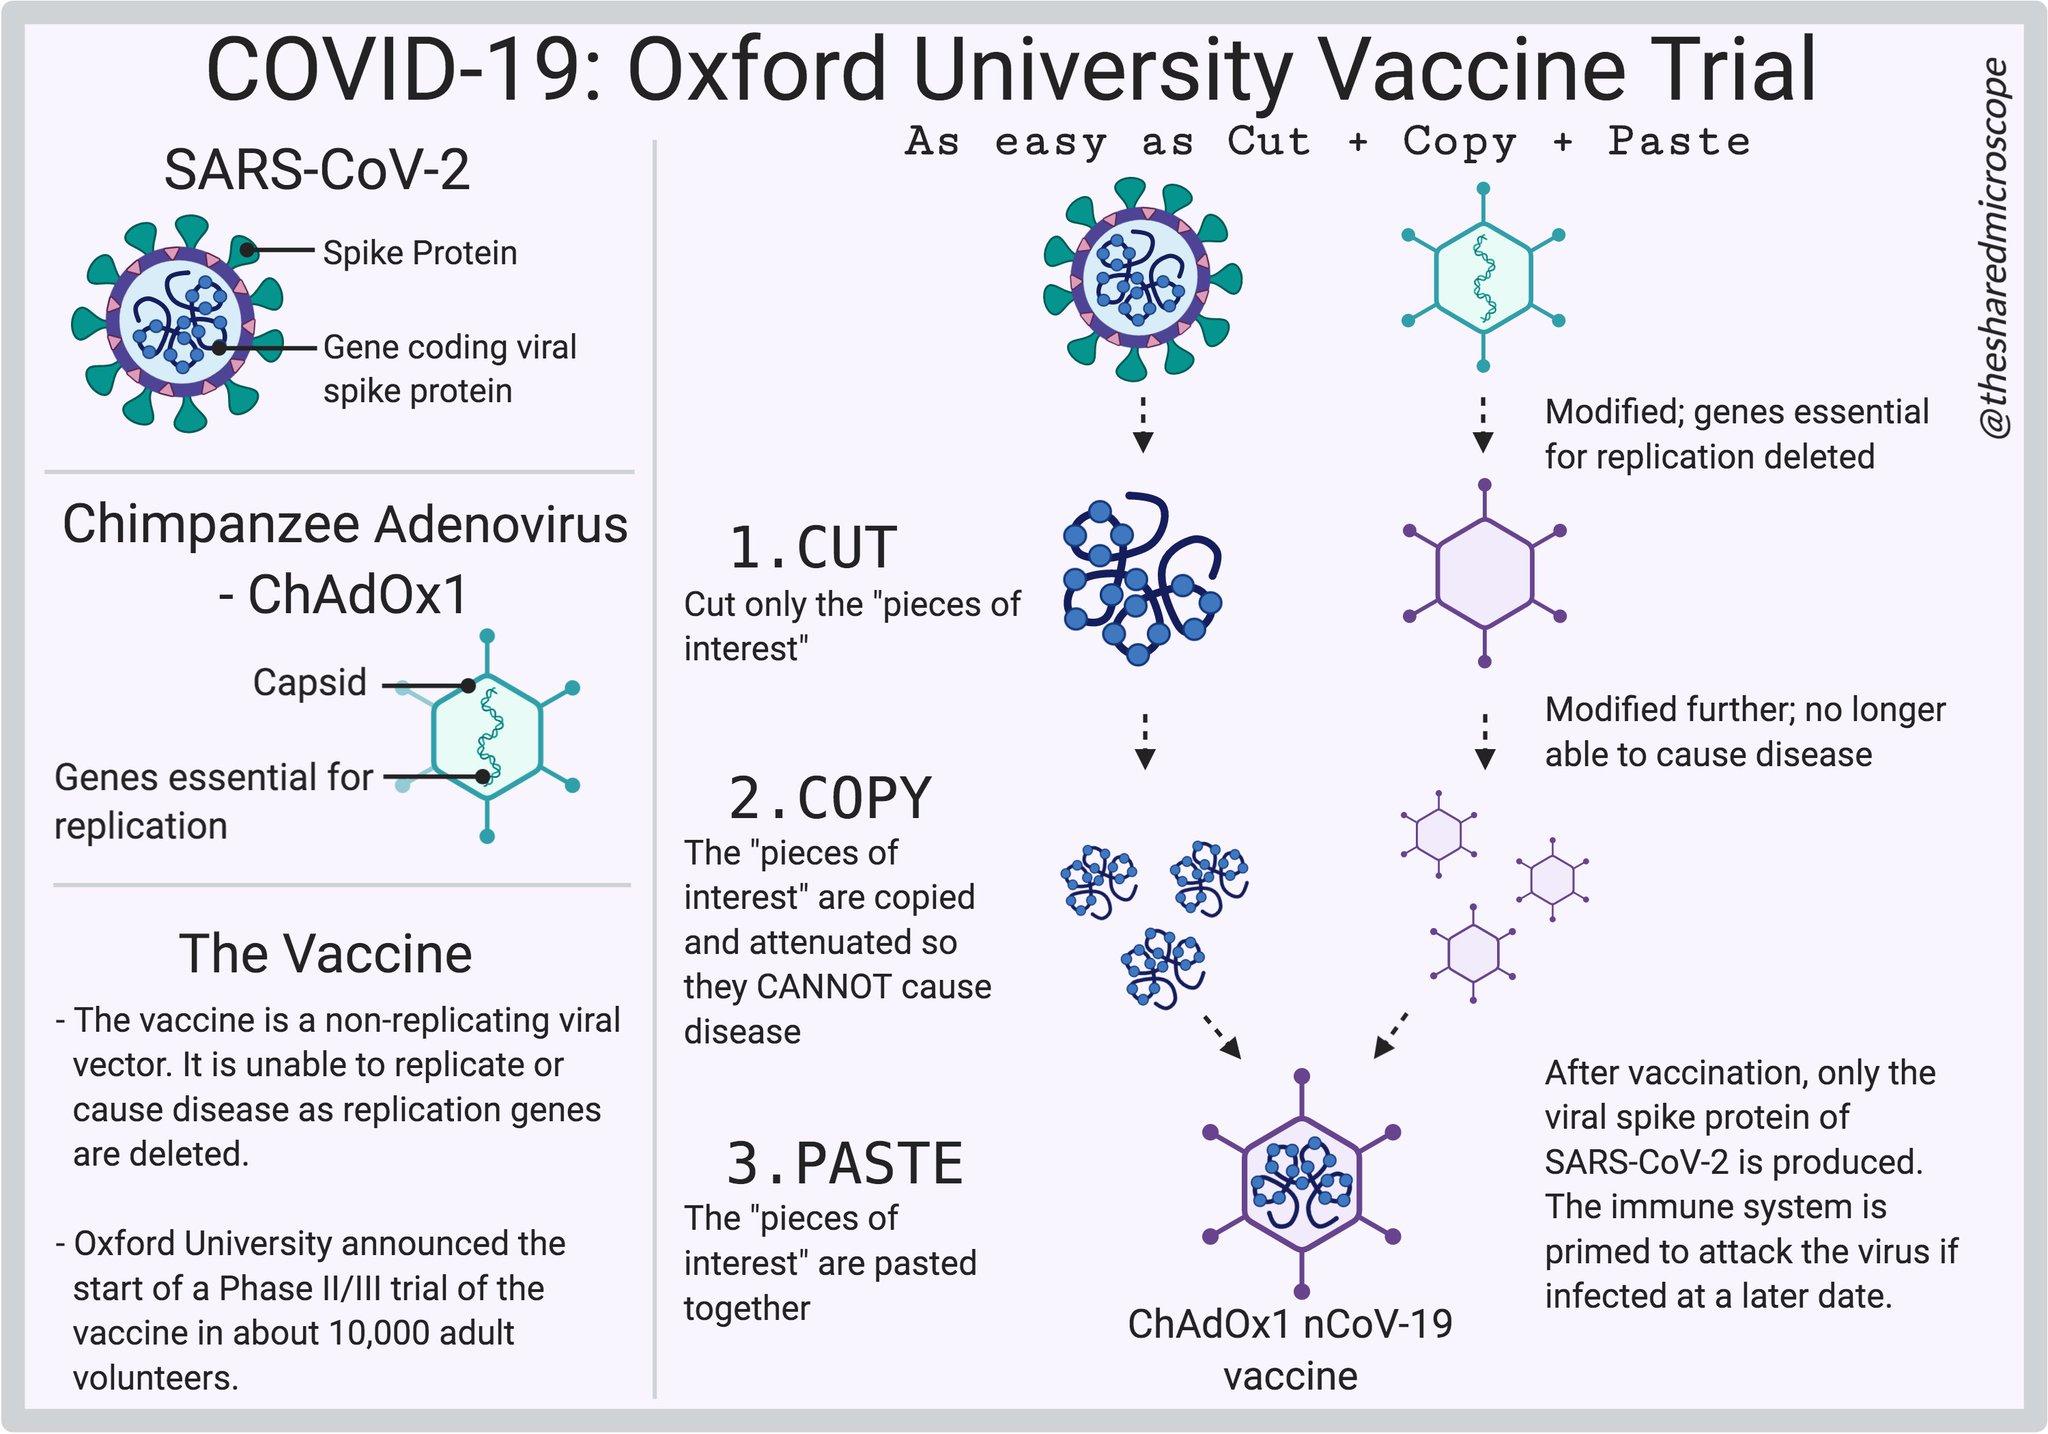 옥스퍼드/아스트레제네커 백신 임상 3상 보류, 무엇이 문제인가?